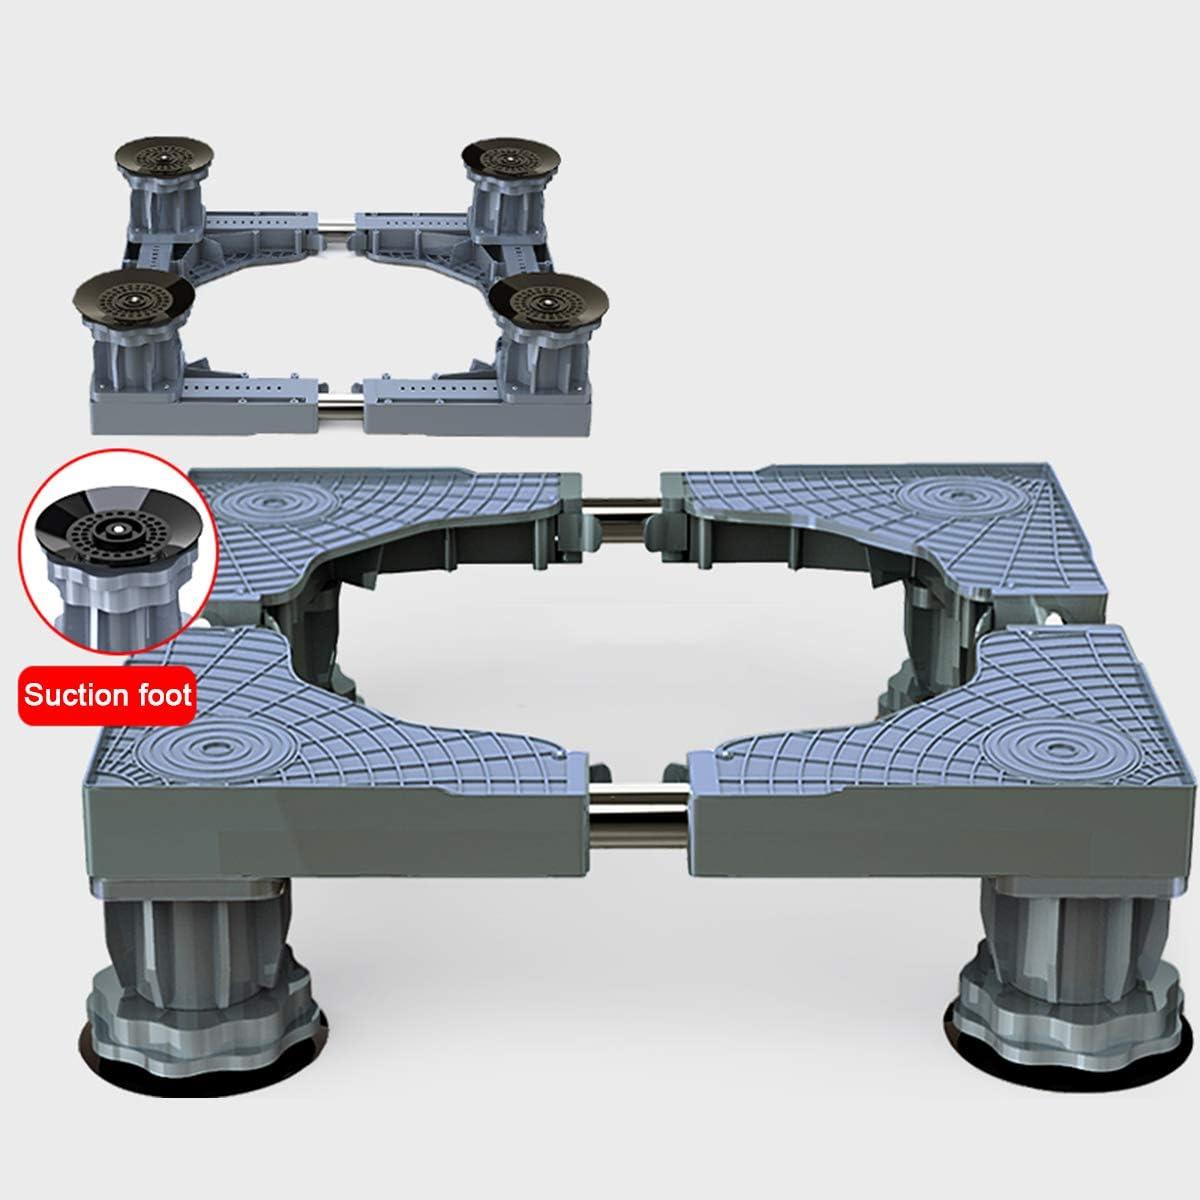 Mfnyp Lavadora Base del Pedestal, Lavadora Armario Empotrado, 4 Patas de Soporte Ajustables, para Secadora, Lavadora y refrigerador